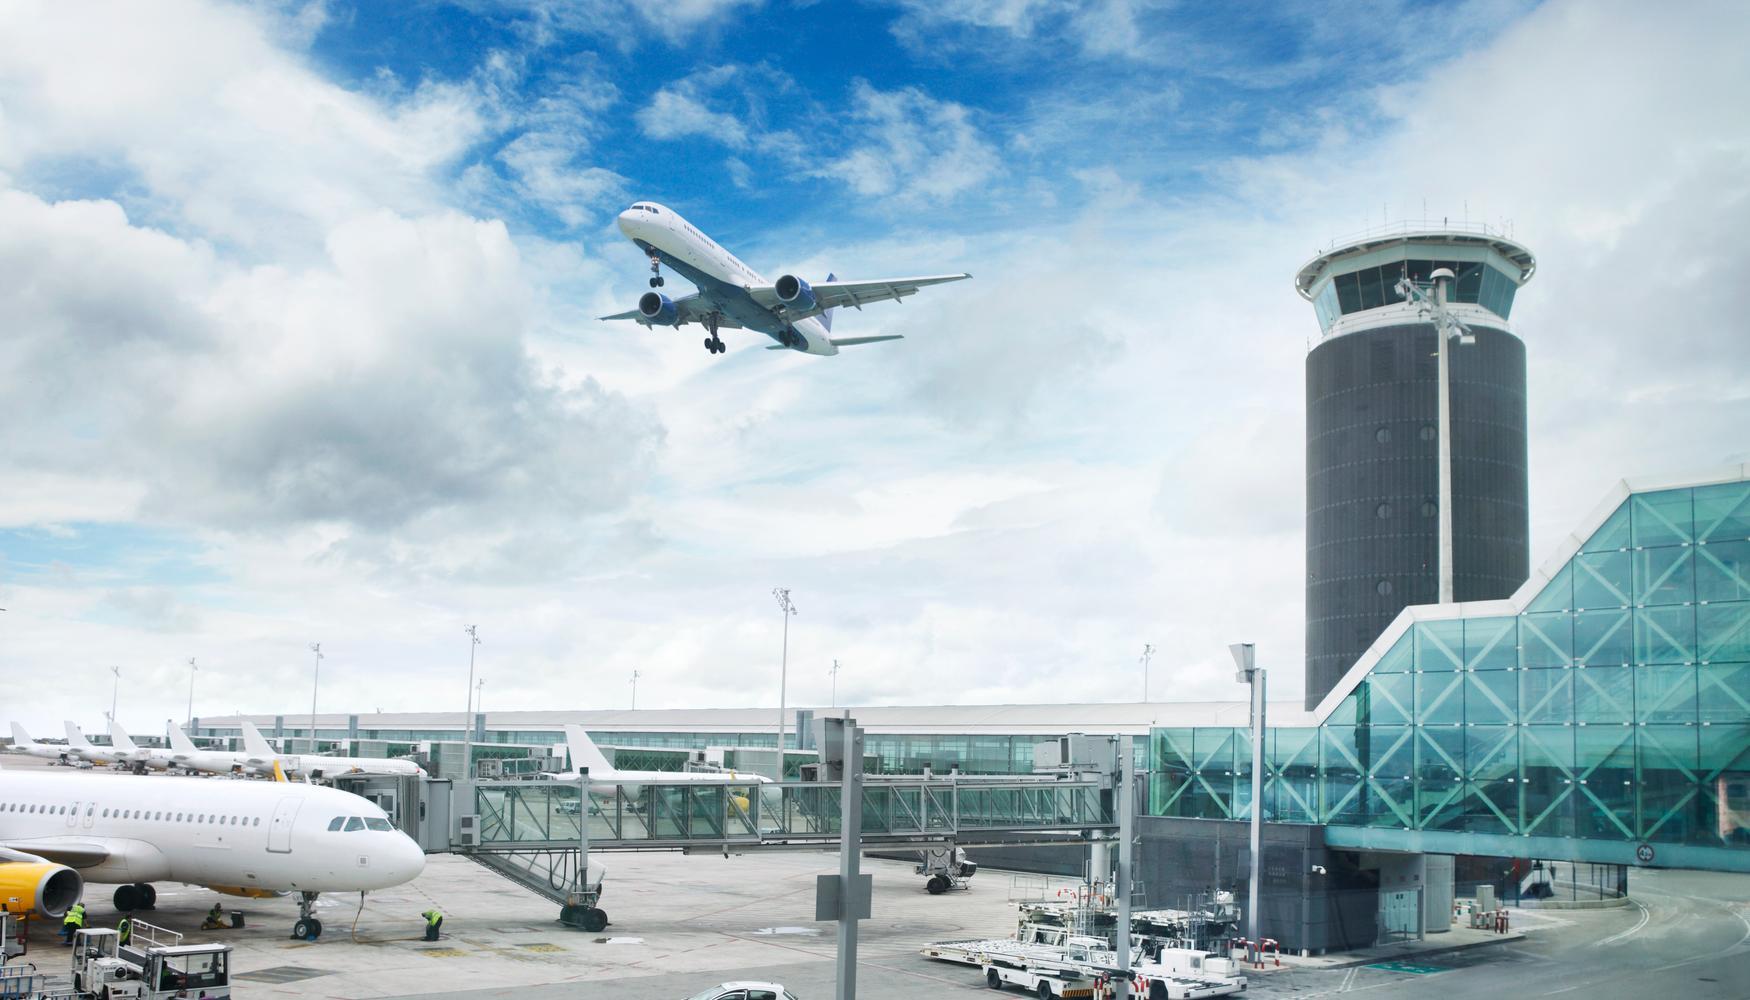 השכרת רכב בנמל התעופה נמל התעופה של ברצלונה